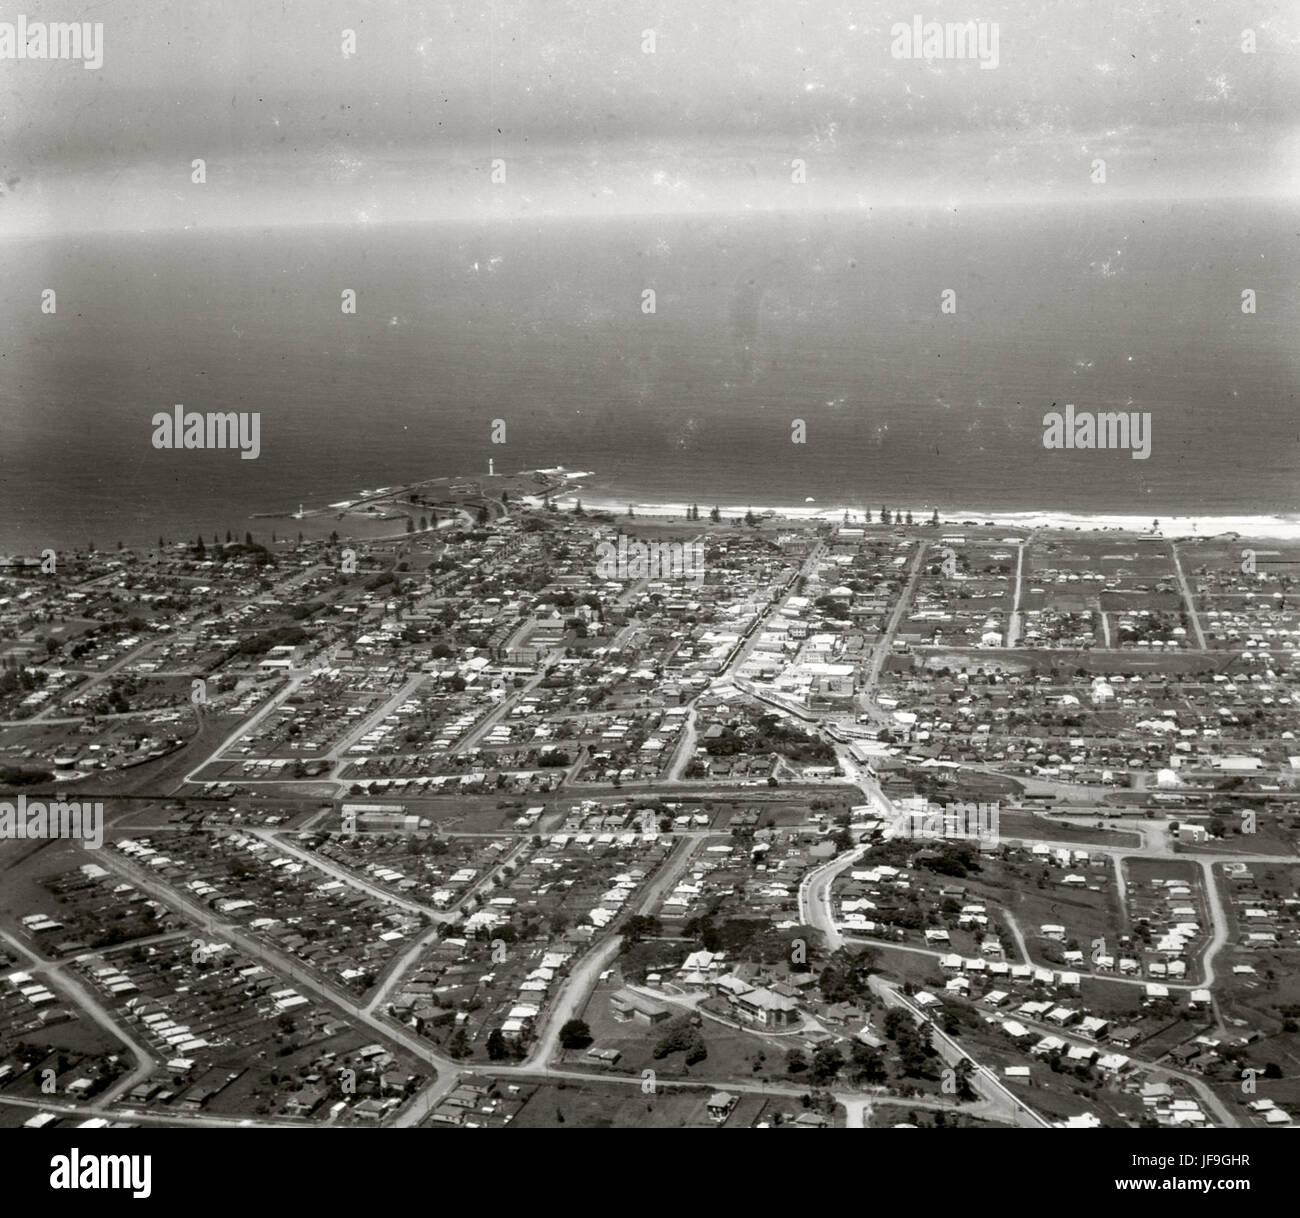 Wollongong - 26 Nov 1937 29642486404 o - Stock Image